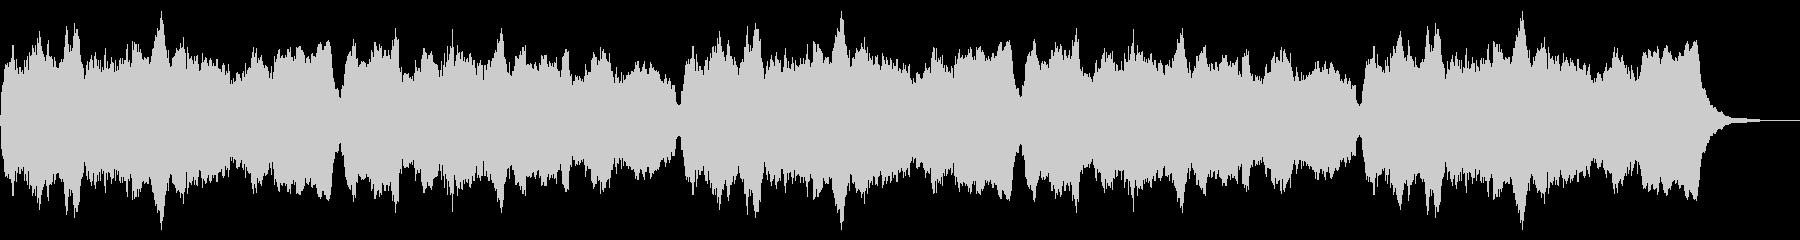 賛美歌「おどろくばかりの」パイプオルガンの未再生の波形